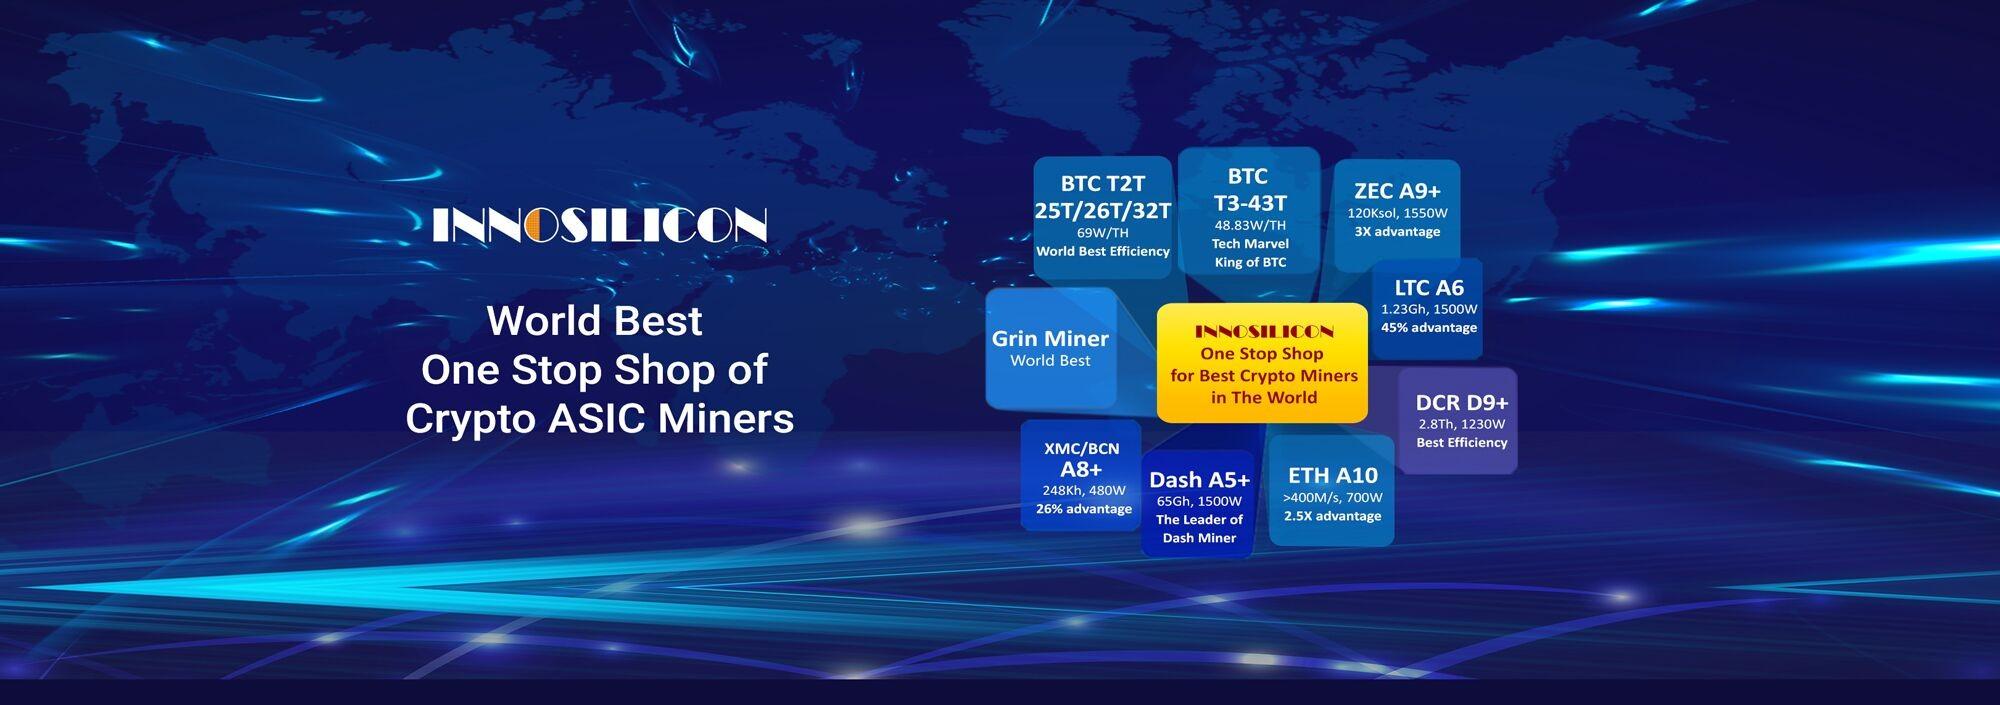 Innosilicon Miner | LinkedIn